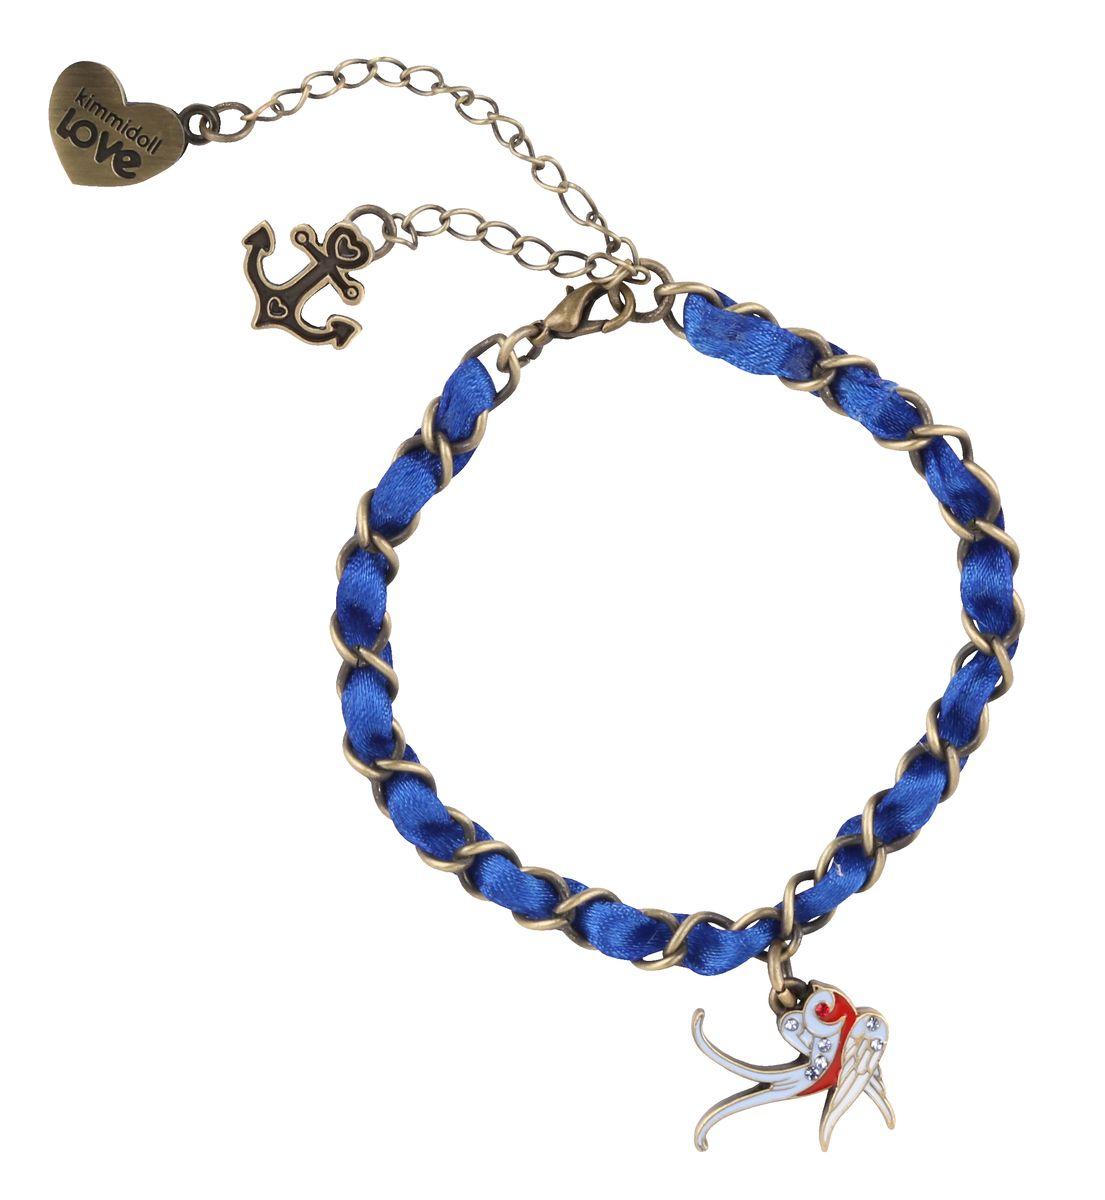 Браслет Kimmidoll Морячка СаллиKLF168Очаровательный браслет Морячка Салли, украшенный подвеской в виде ласточки и дополненный двумя дополнительными подвесками из высококачественного металла, оформлен стразами и элегантной ленточкой, и упакован в подарочную коробку. Такой браслет прекрасно подойдет к вашему образу, он придаст вам очарование и шарм как на отдыхе, так и в повседневной жизни. Привет, меня зовут Морячка Салли! Я талисман путешествий и приключений. Неиссякаемая жажда приключений постоянно ведет вас против переменчивых ветров в бушующем море жизни. Но дерзкая внешность обманчива - за вашей бесстрашной, закаленной приключениями натурой, скрывается золотое доброе сердце.